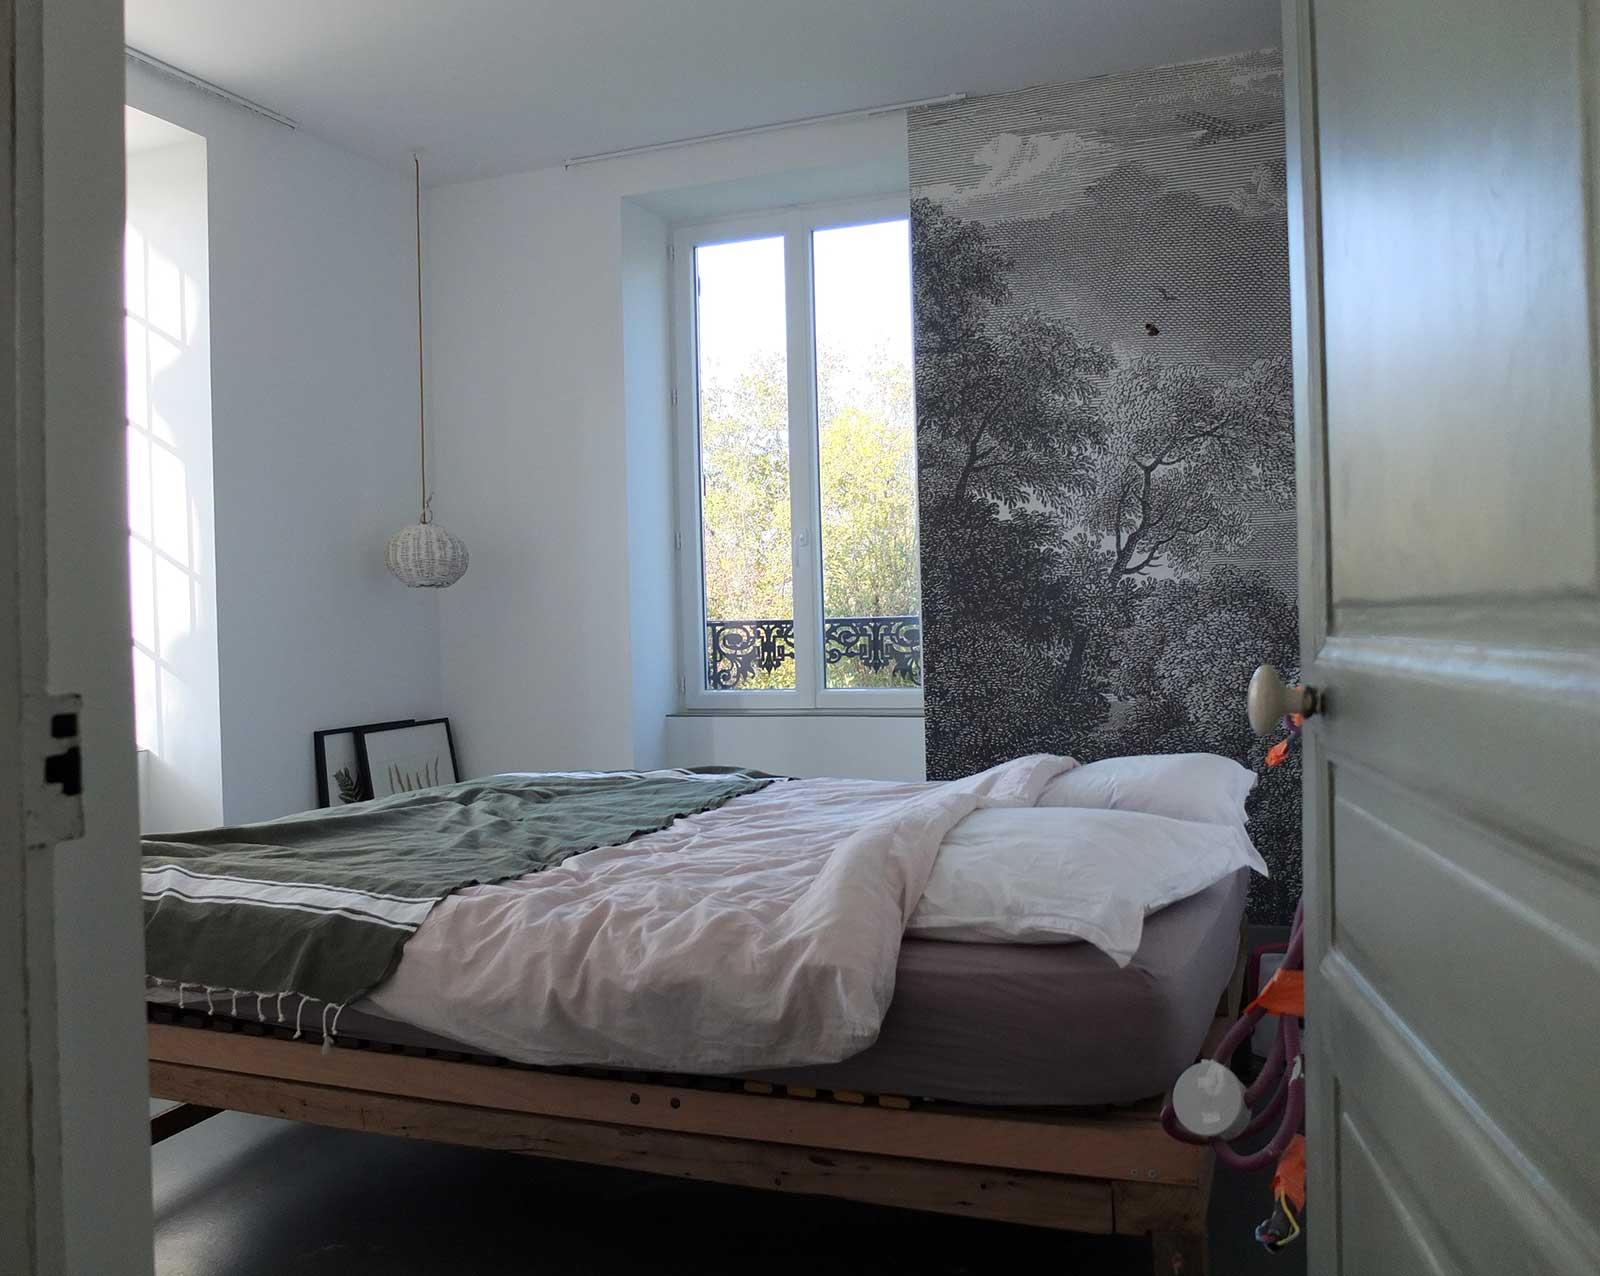 Notre t te de lit multifonctions pour 50 euros misc webzine for Lit 50 euros